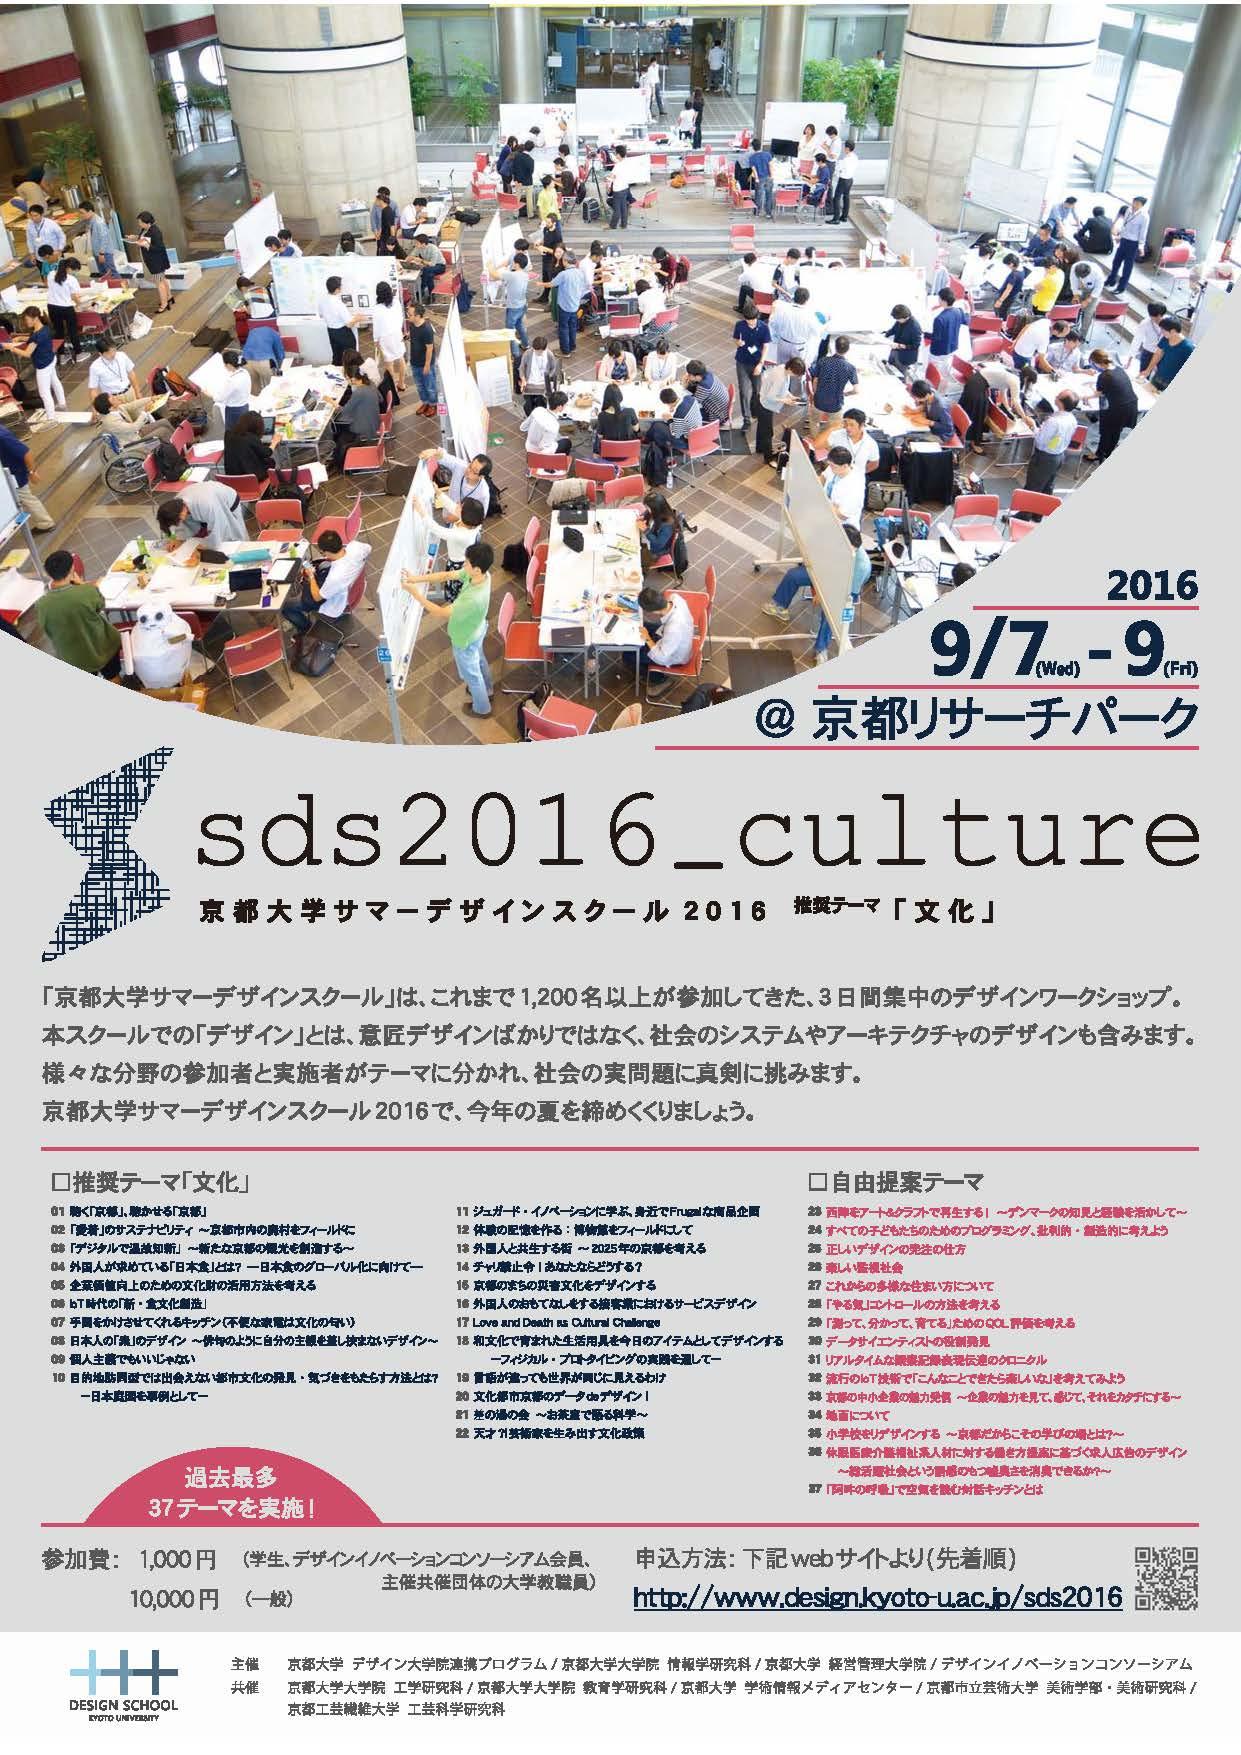 sds2016_poster